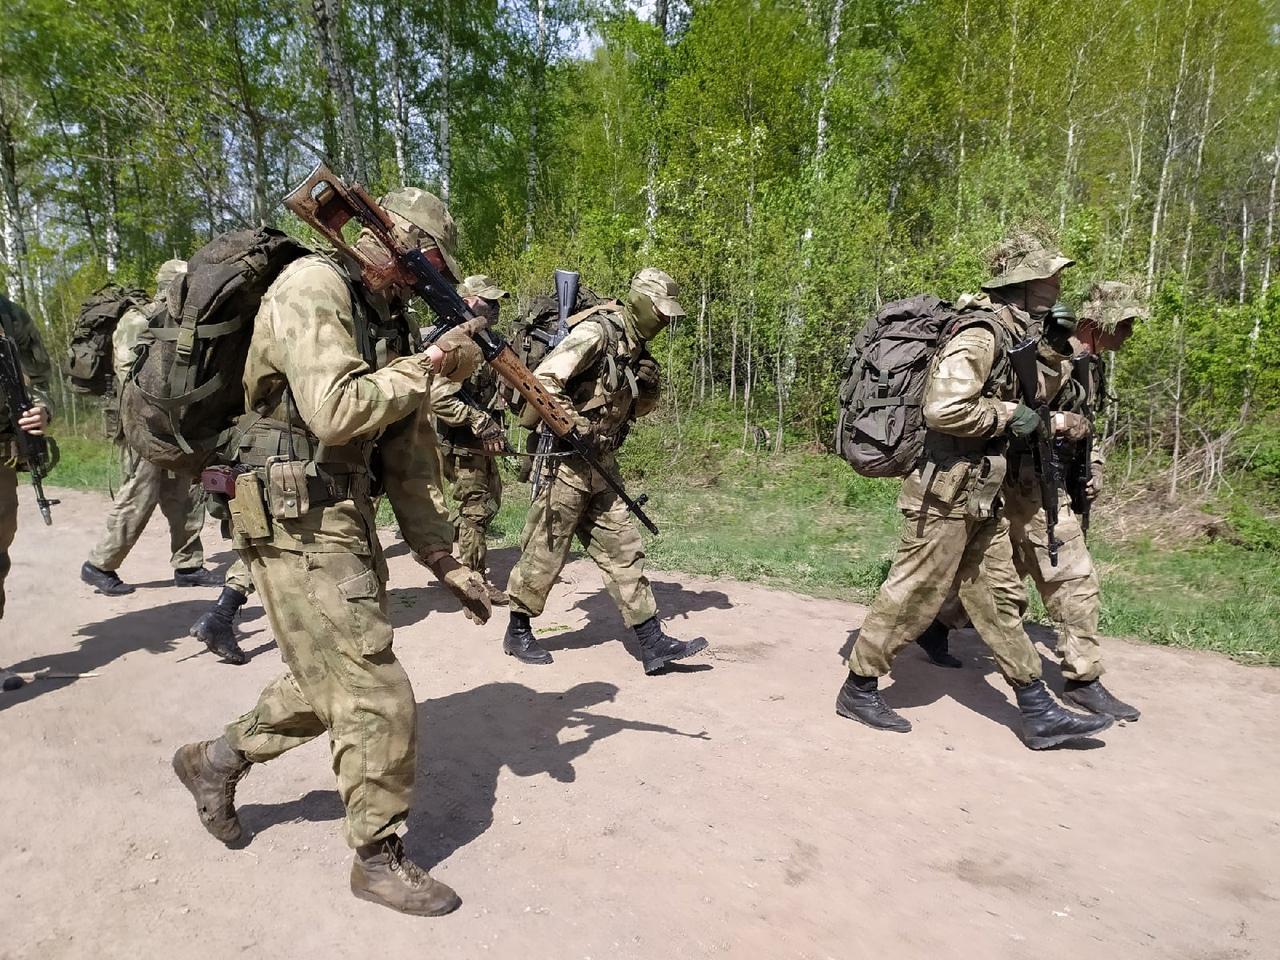 Фото Соревнования военных разведчиков со всей России проходят в Новосибирске: 12 впечатляющих фото с полигона Кольцово 6